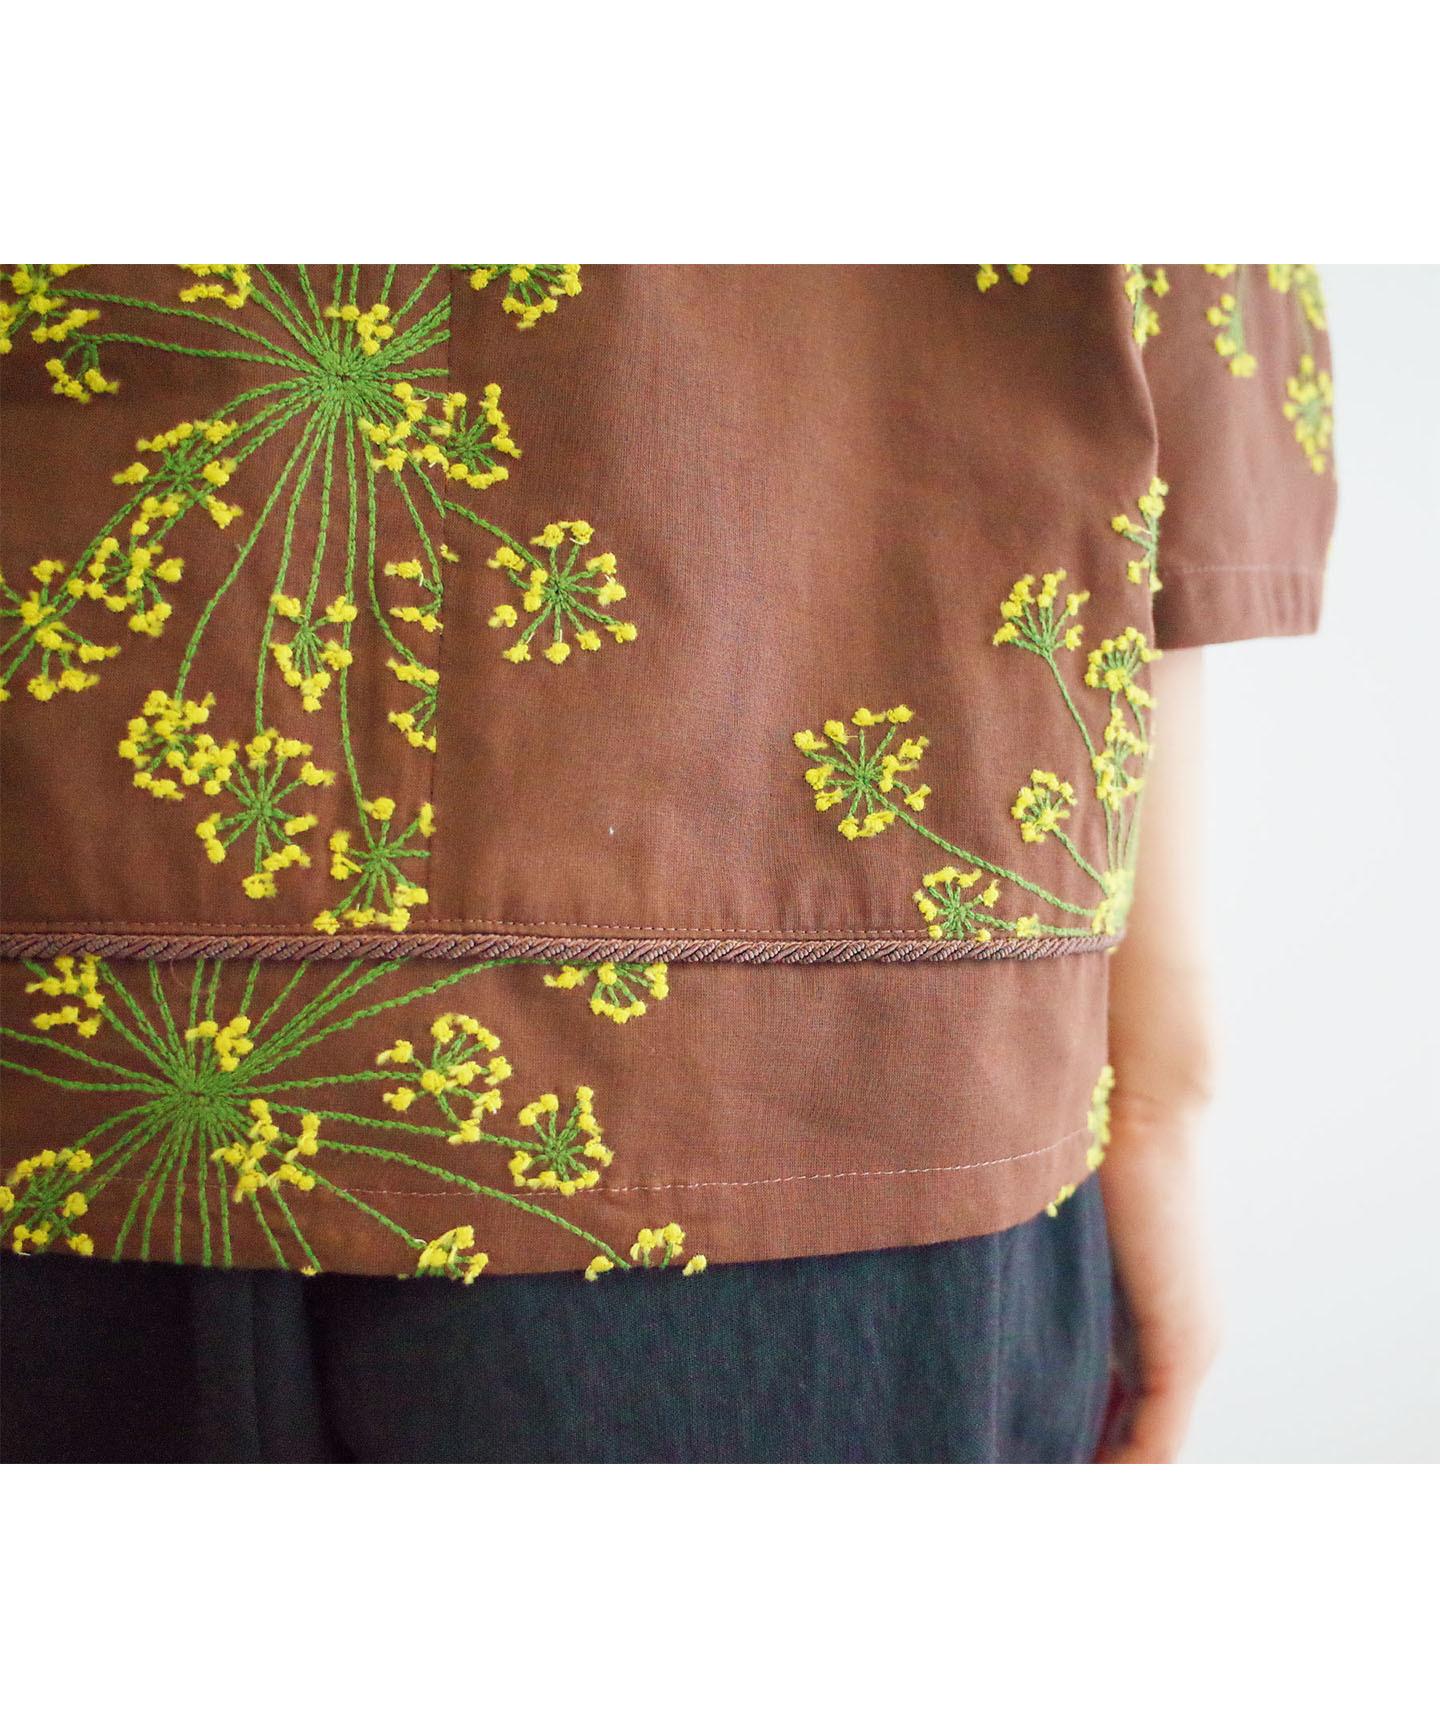 フェンネル刺繍プルオーバー (evi921  BRN・ブラウン)